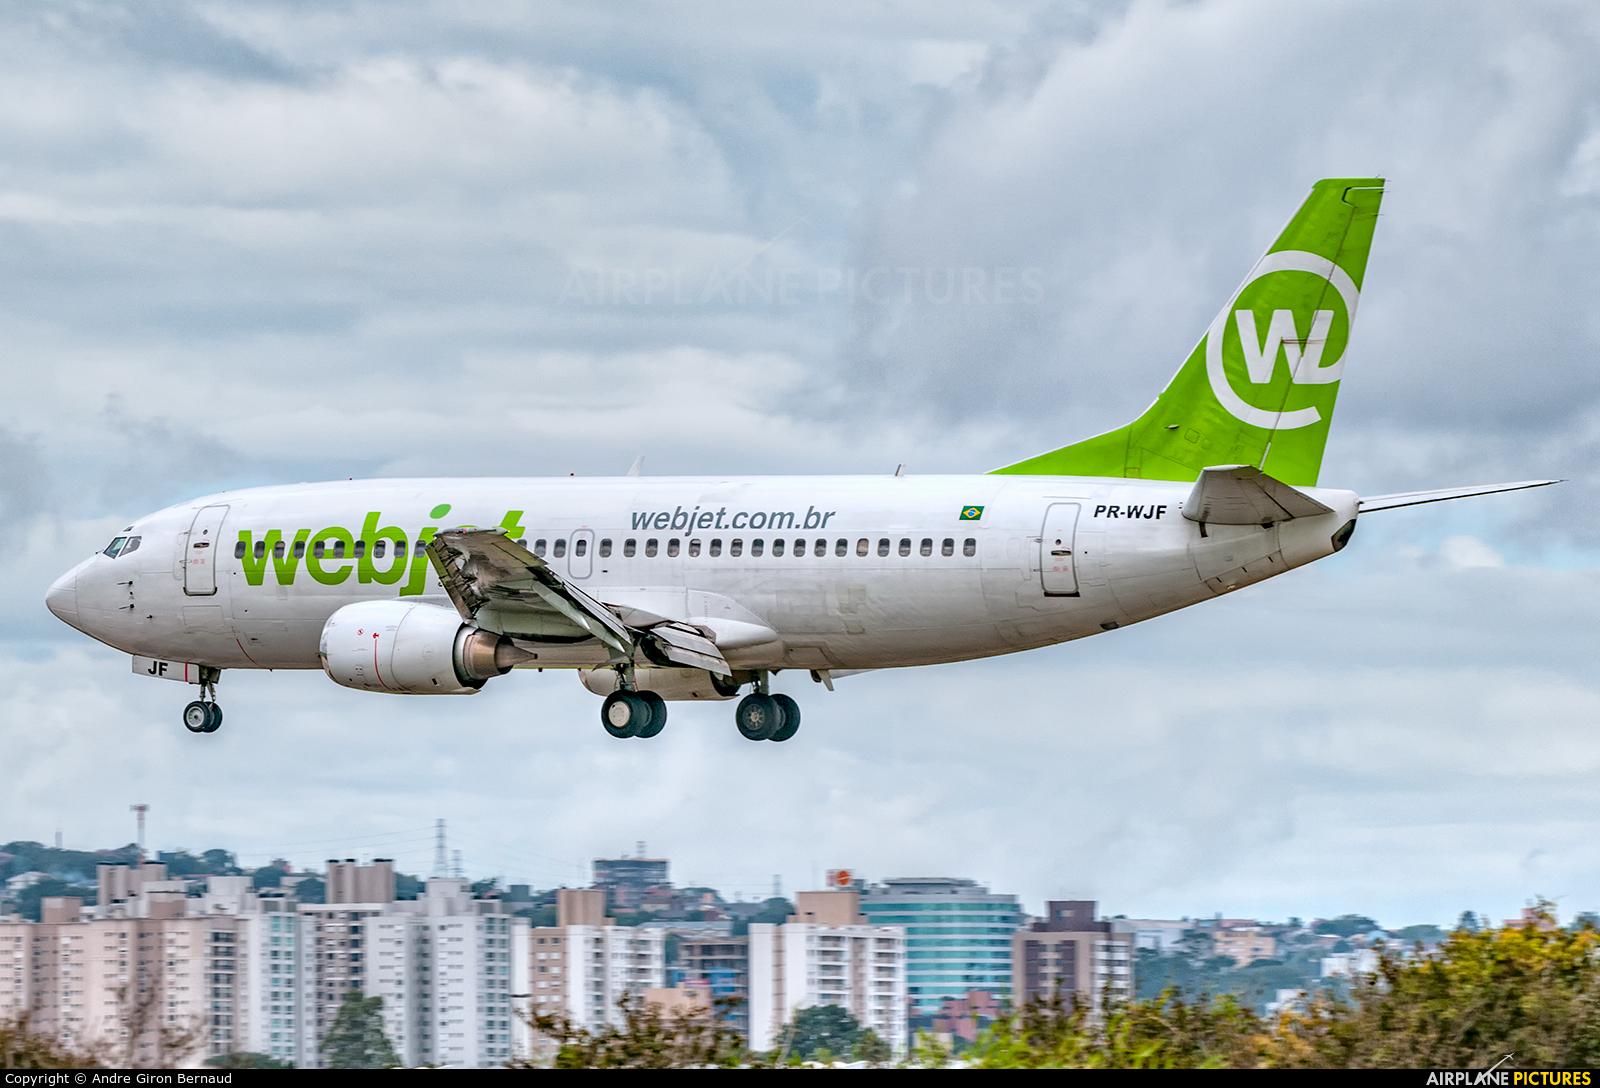 WebJet Linhas Aéreas PR-WJF aircraft at Porto Alegre - Salgado Filho